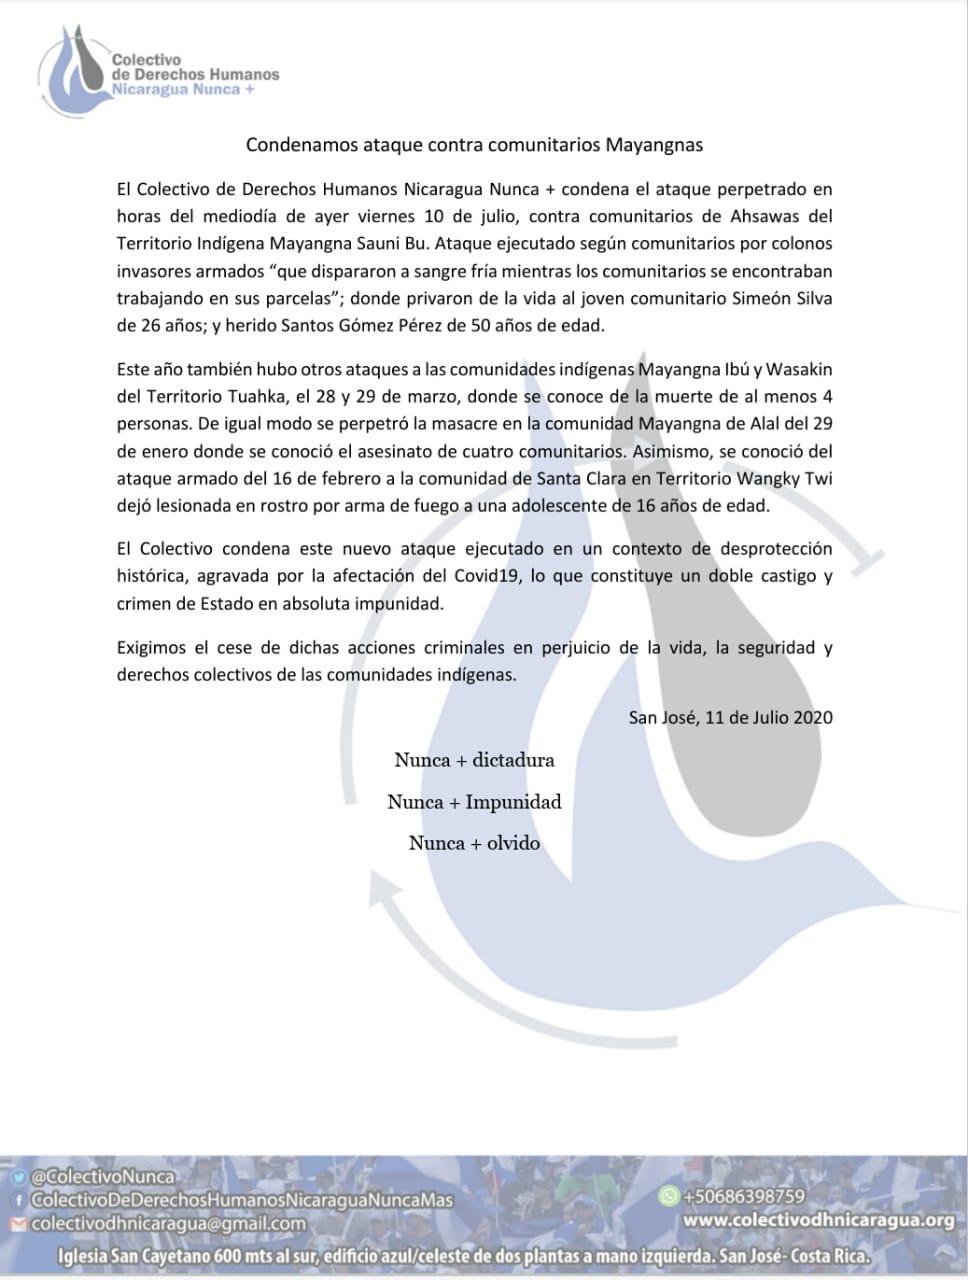 Condena el ataque contra mayangnas